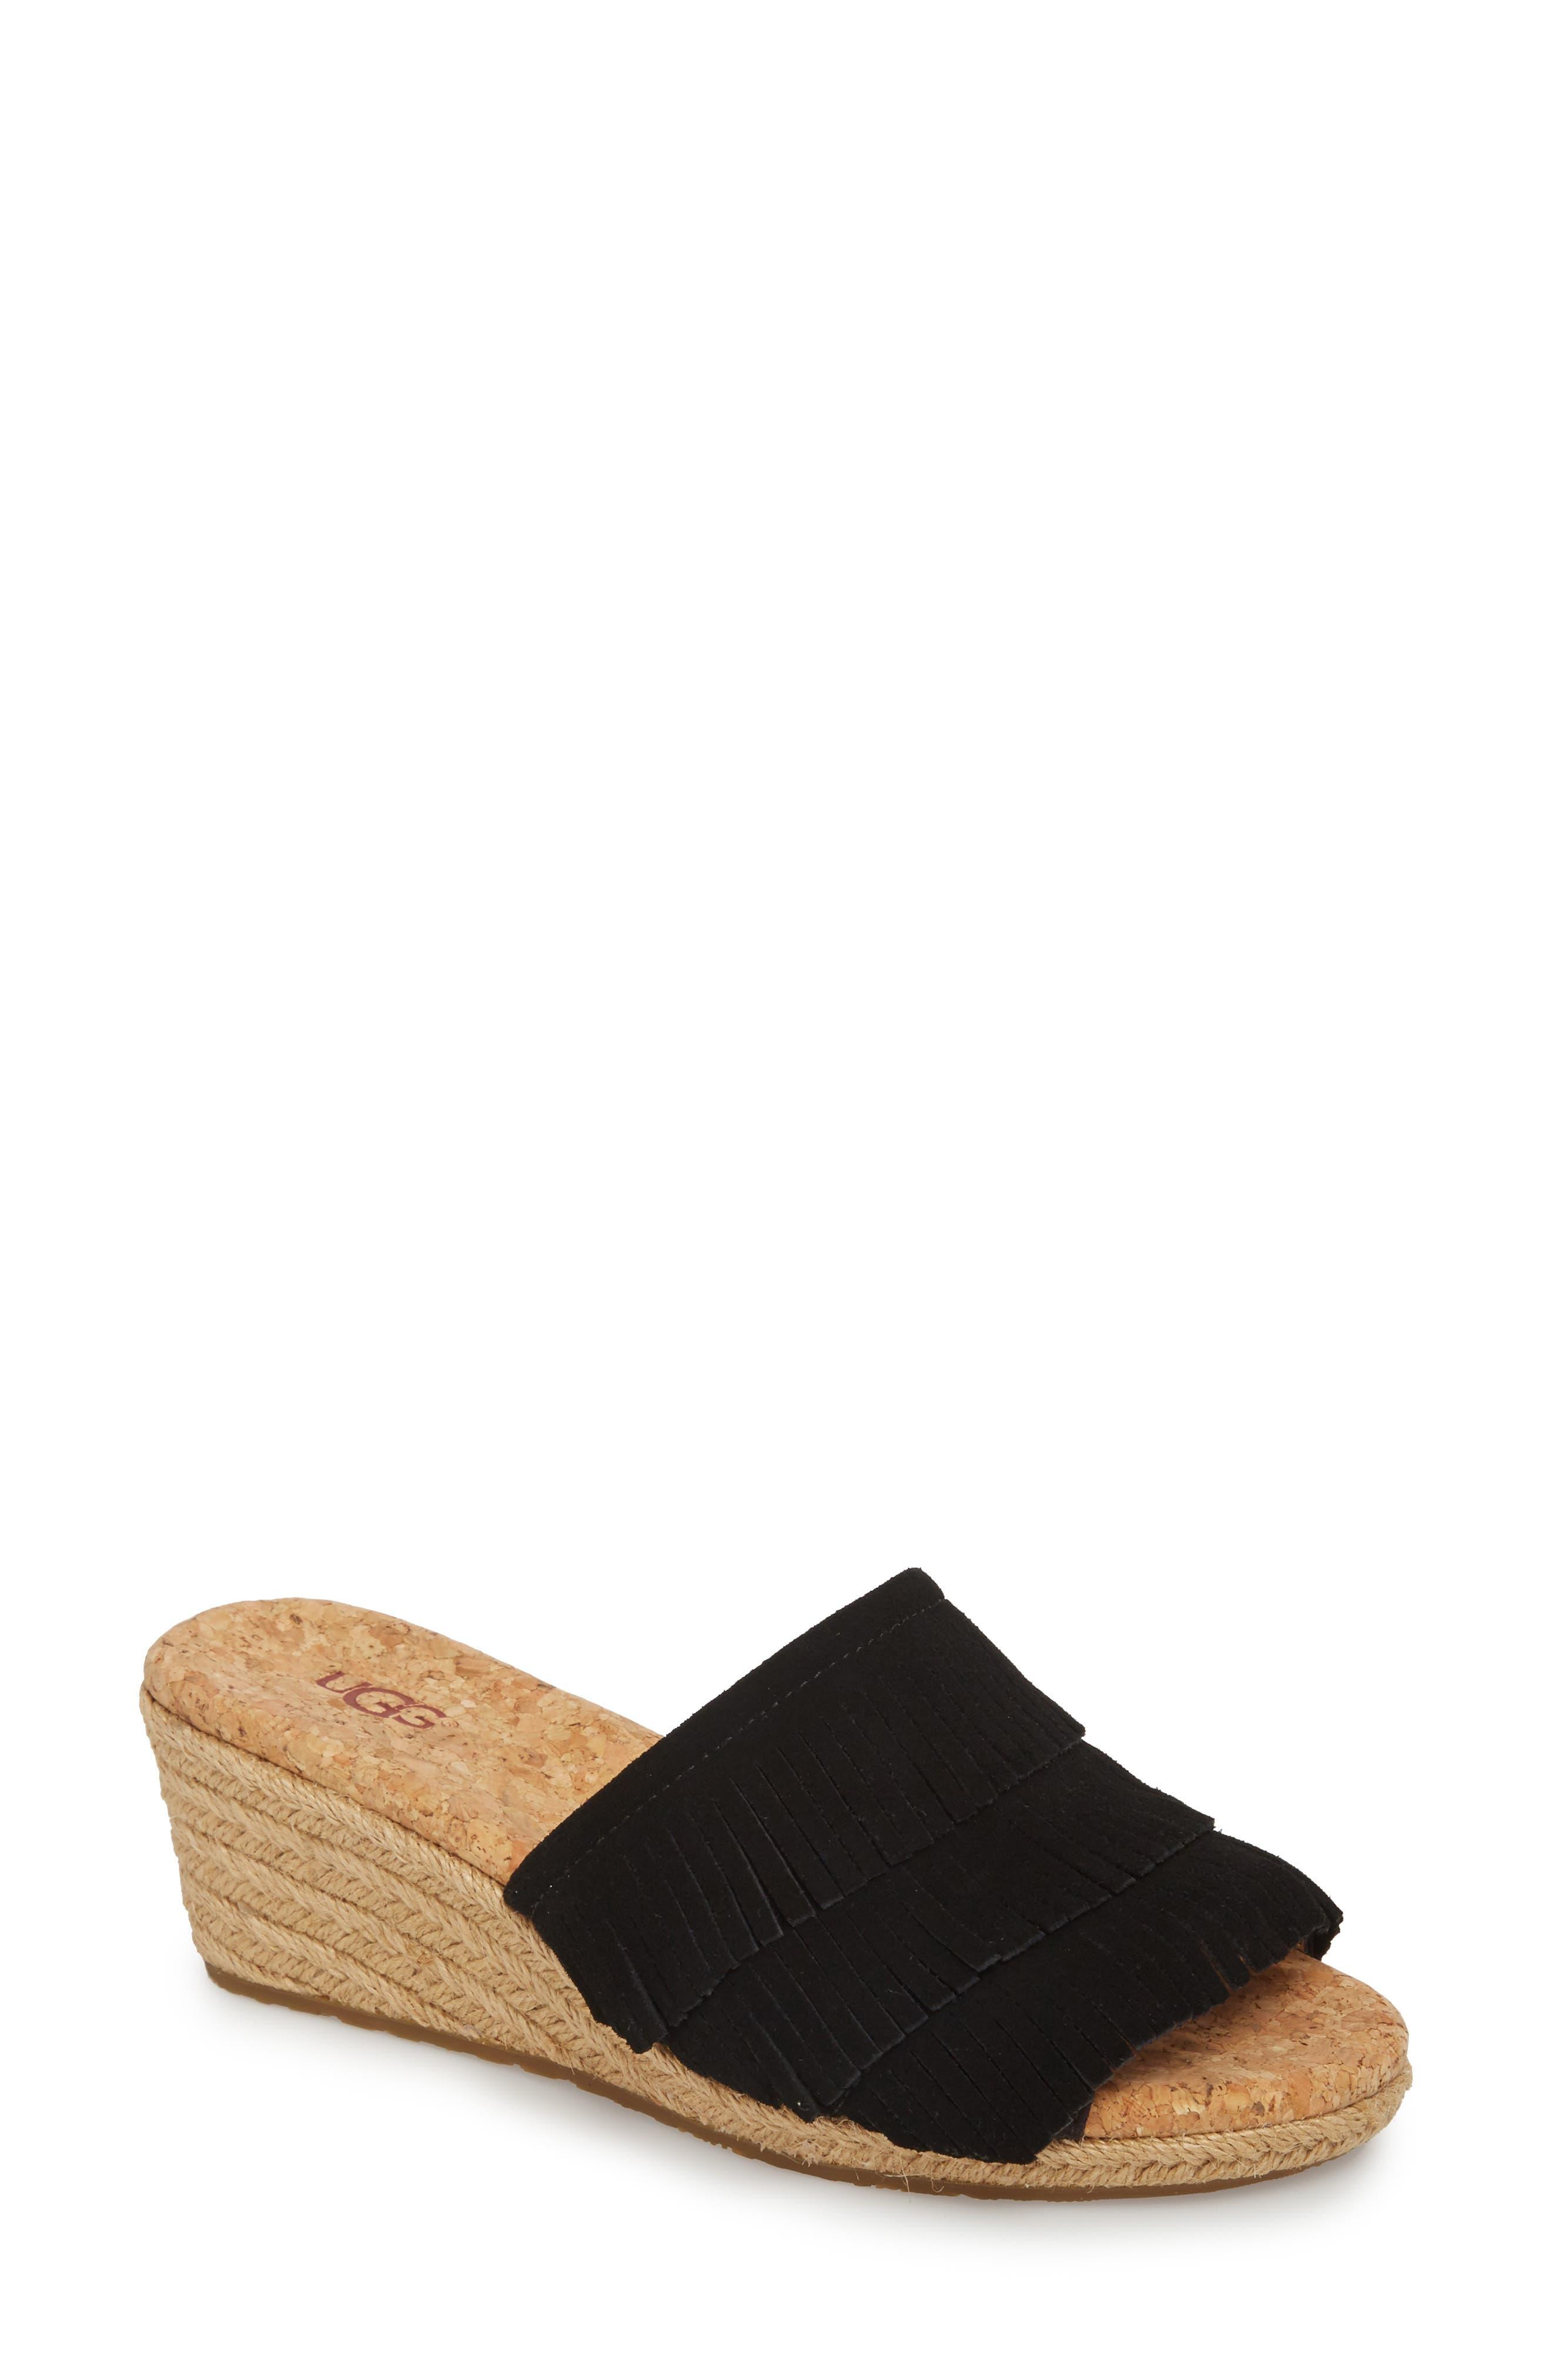 Kendra Fringe Wedge Sandal,                         Main,                         color, 001